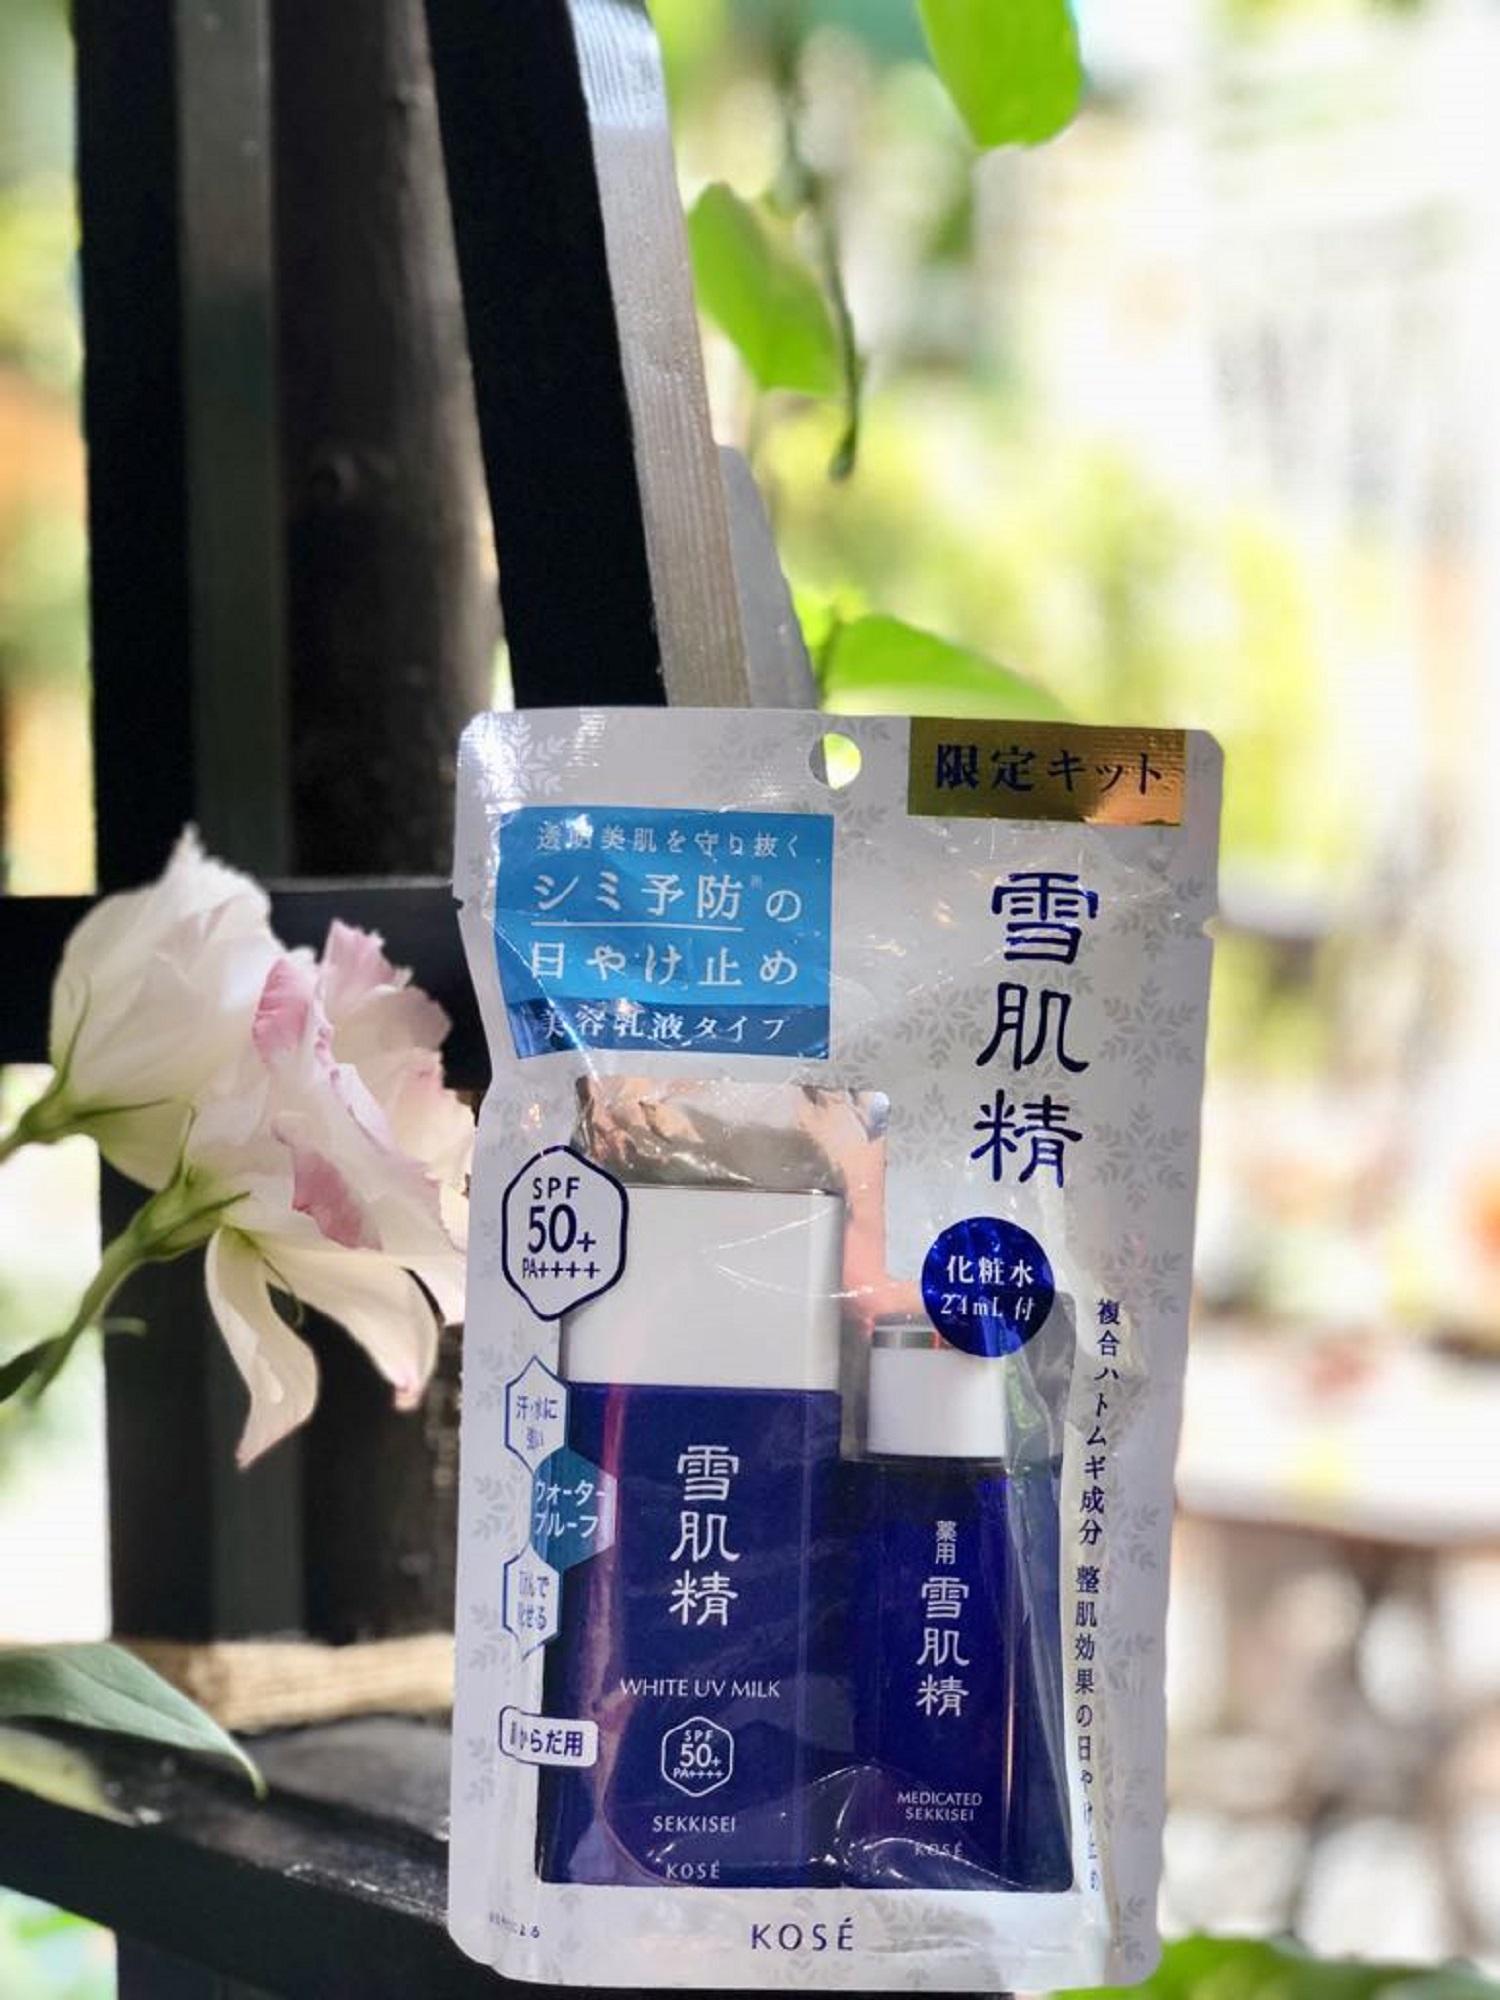 Kem chống nắng KOSE White UV Milk SPF 50 TẶNG NƯỚC HOA HỒNG chính hãng